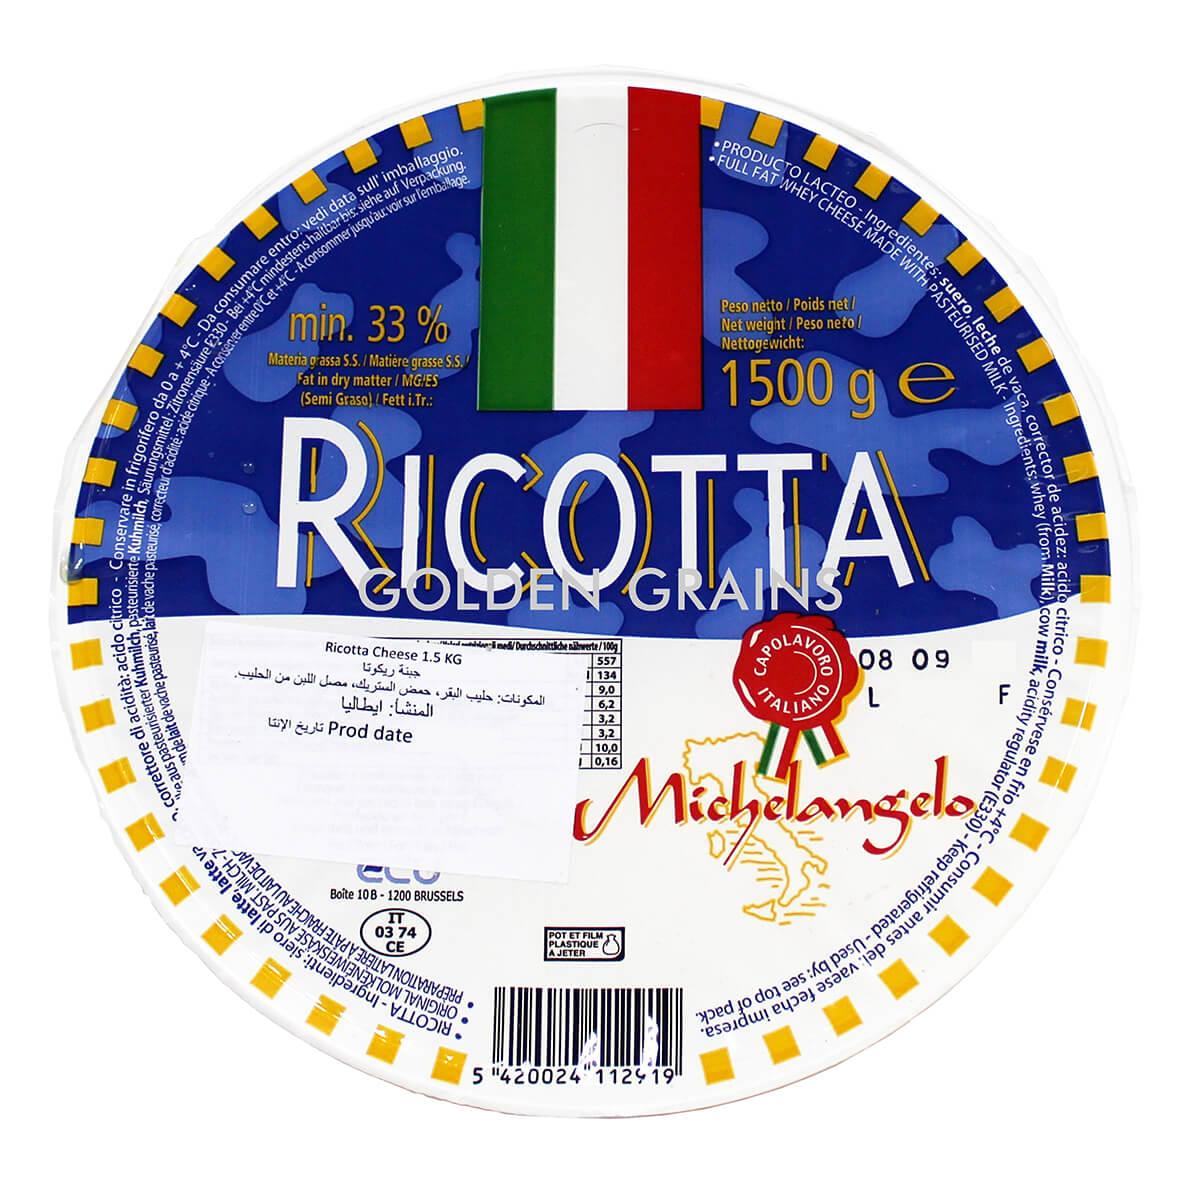 Michelangelo Ricotta